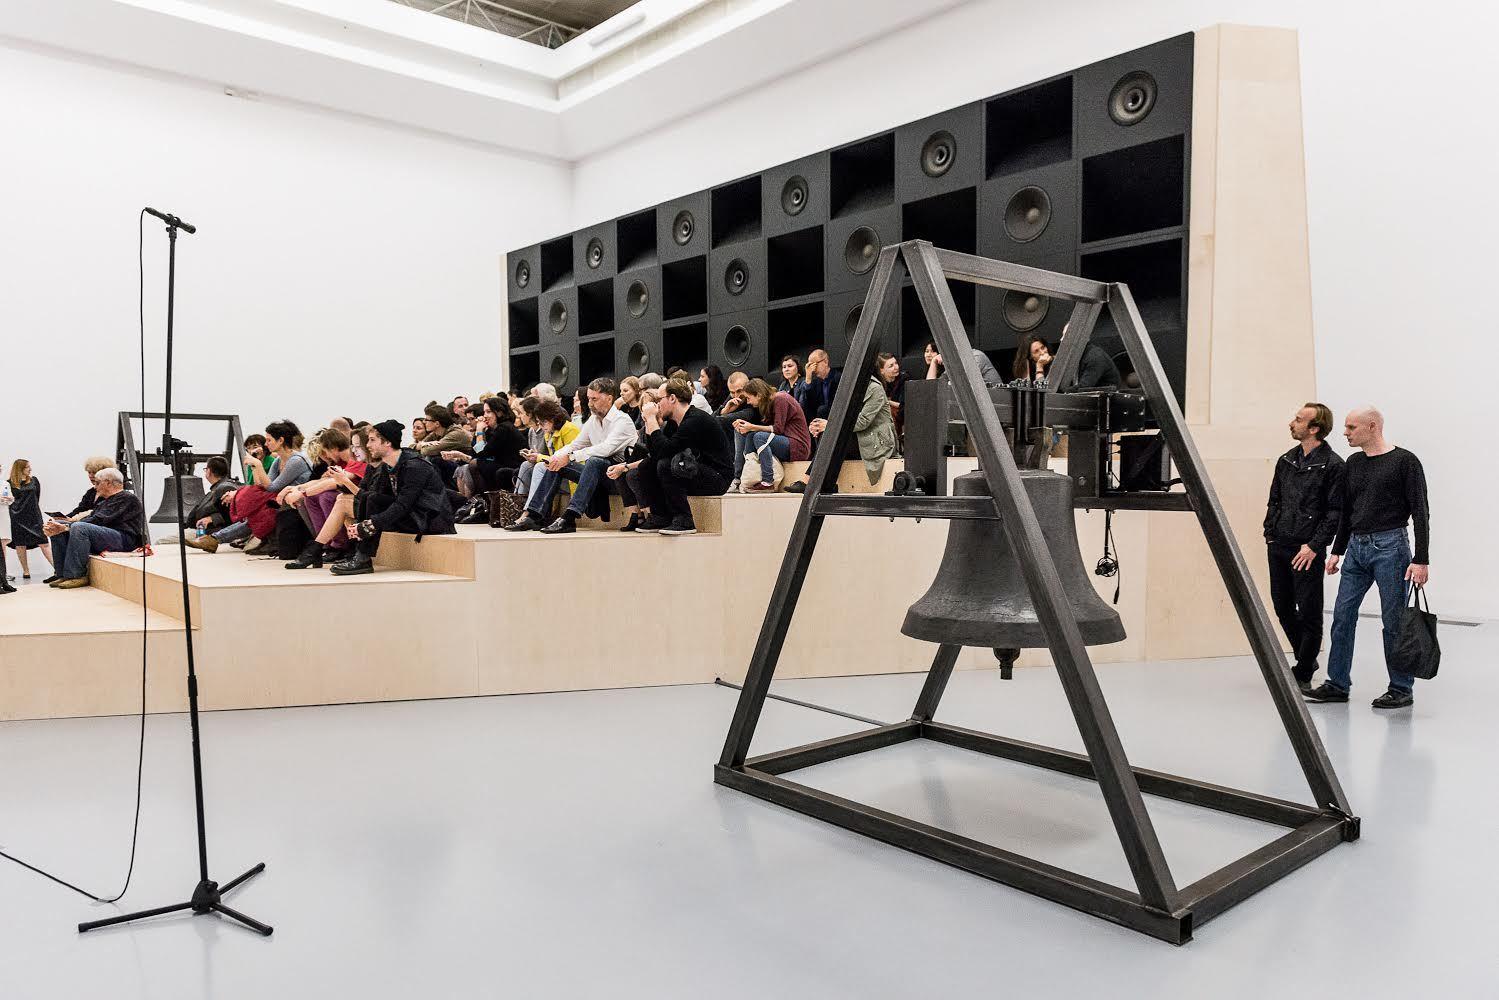 Wernisaż wystawy Konrada Smoleńskiego wZachęcie, 10.10.2014